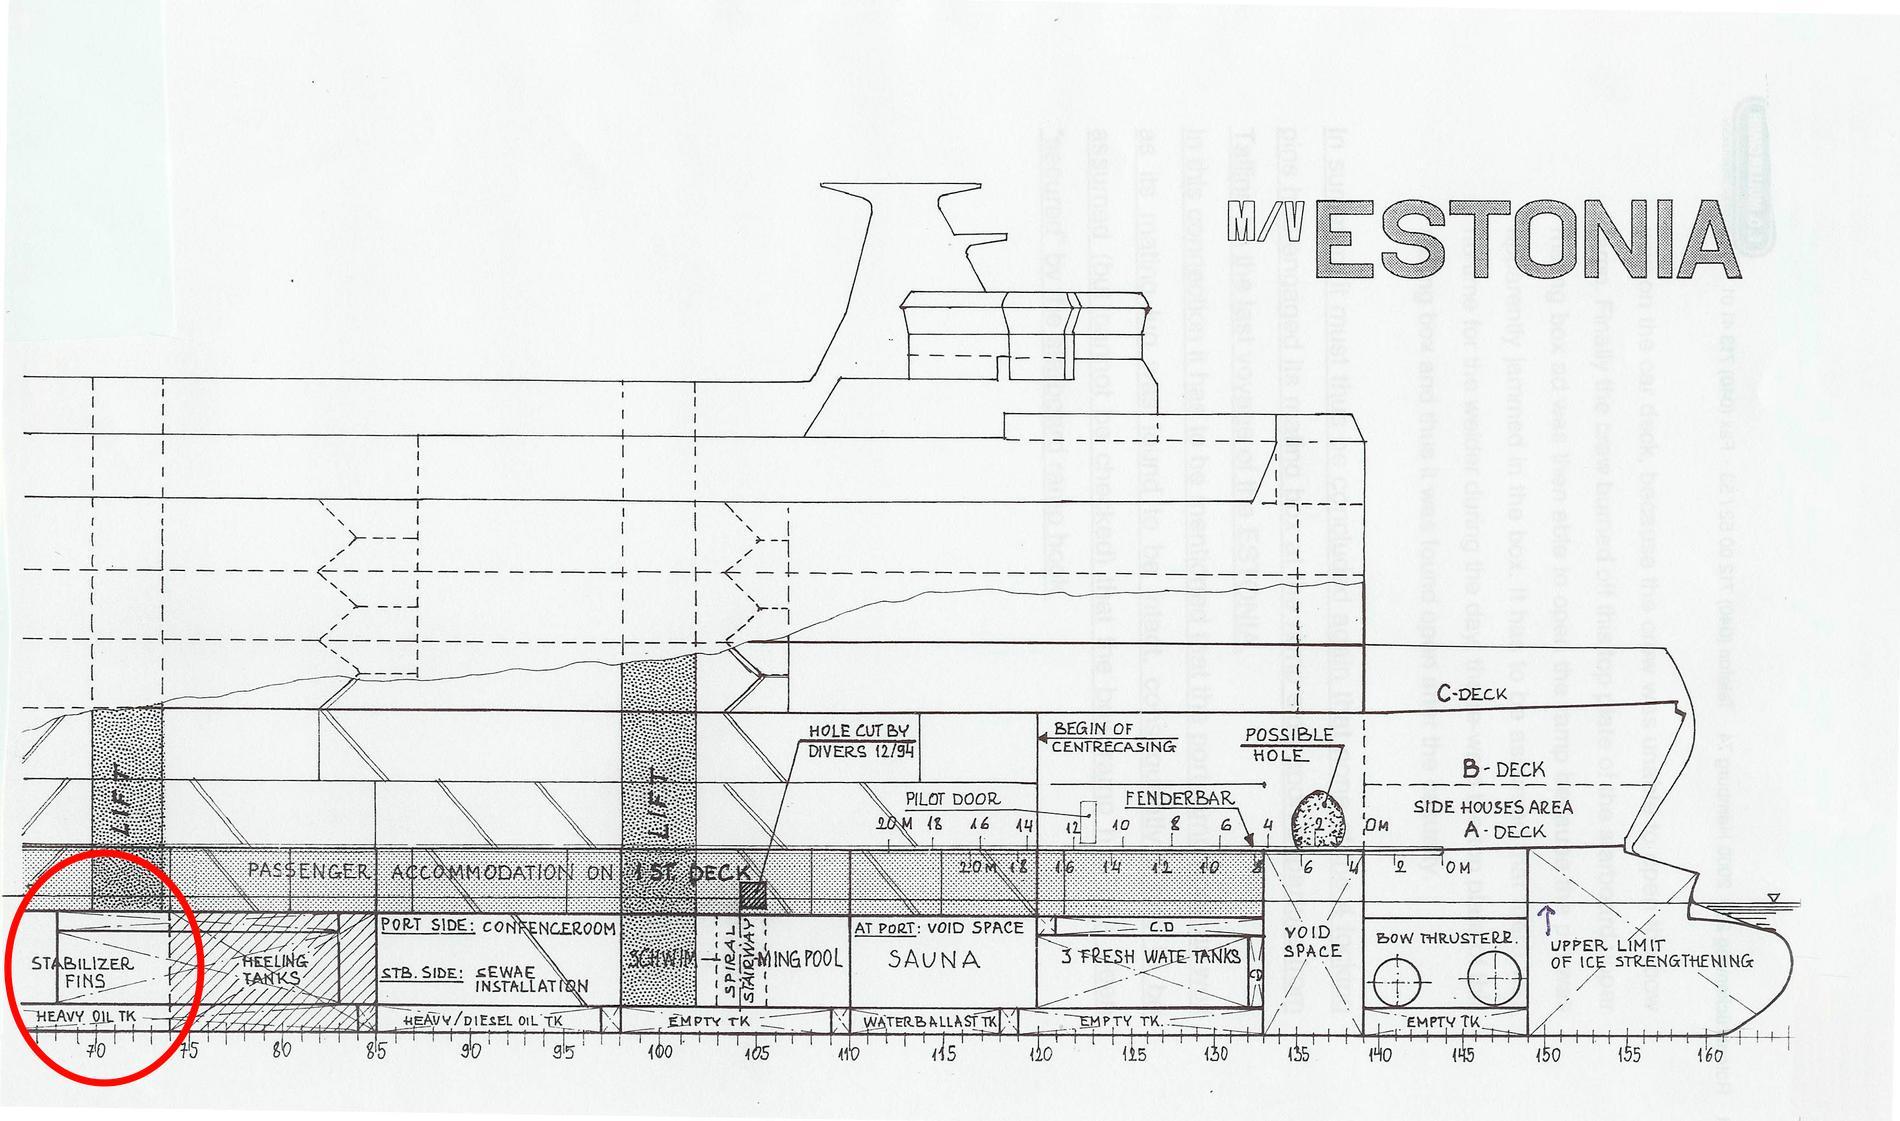 Meyervarvets ritning över M/S Estonia sedd från sidan.